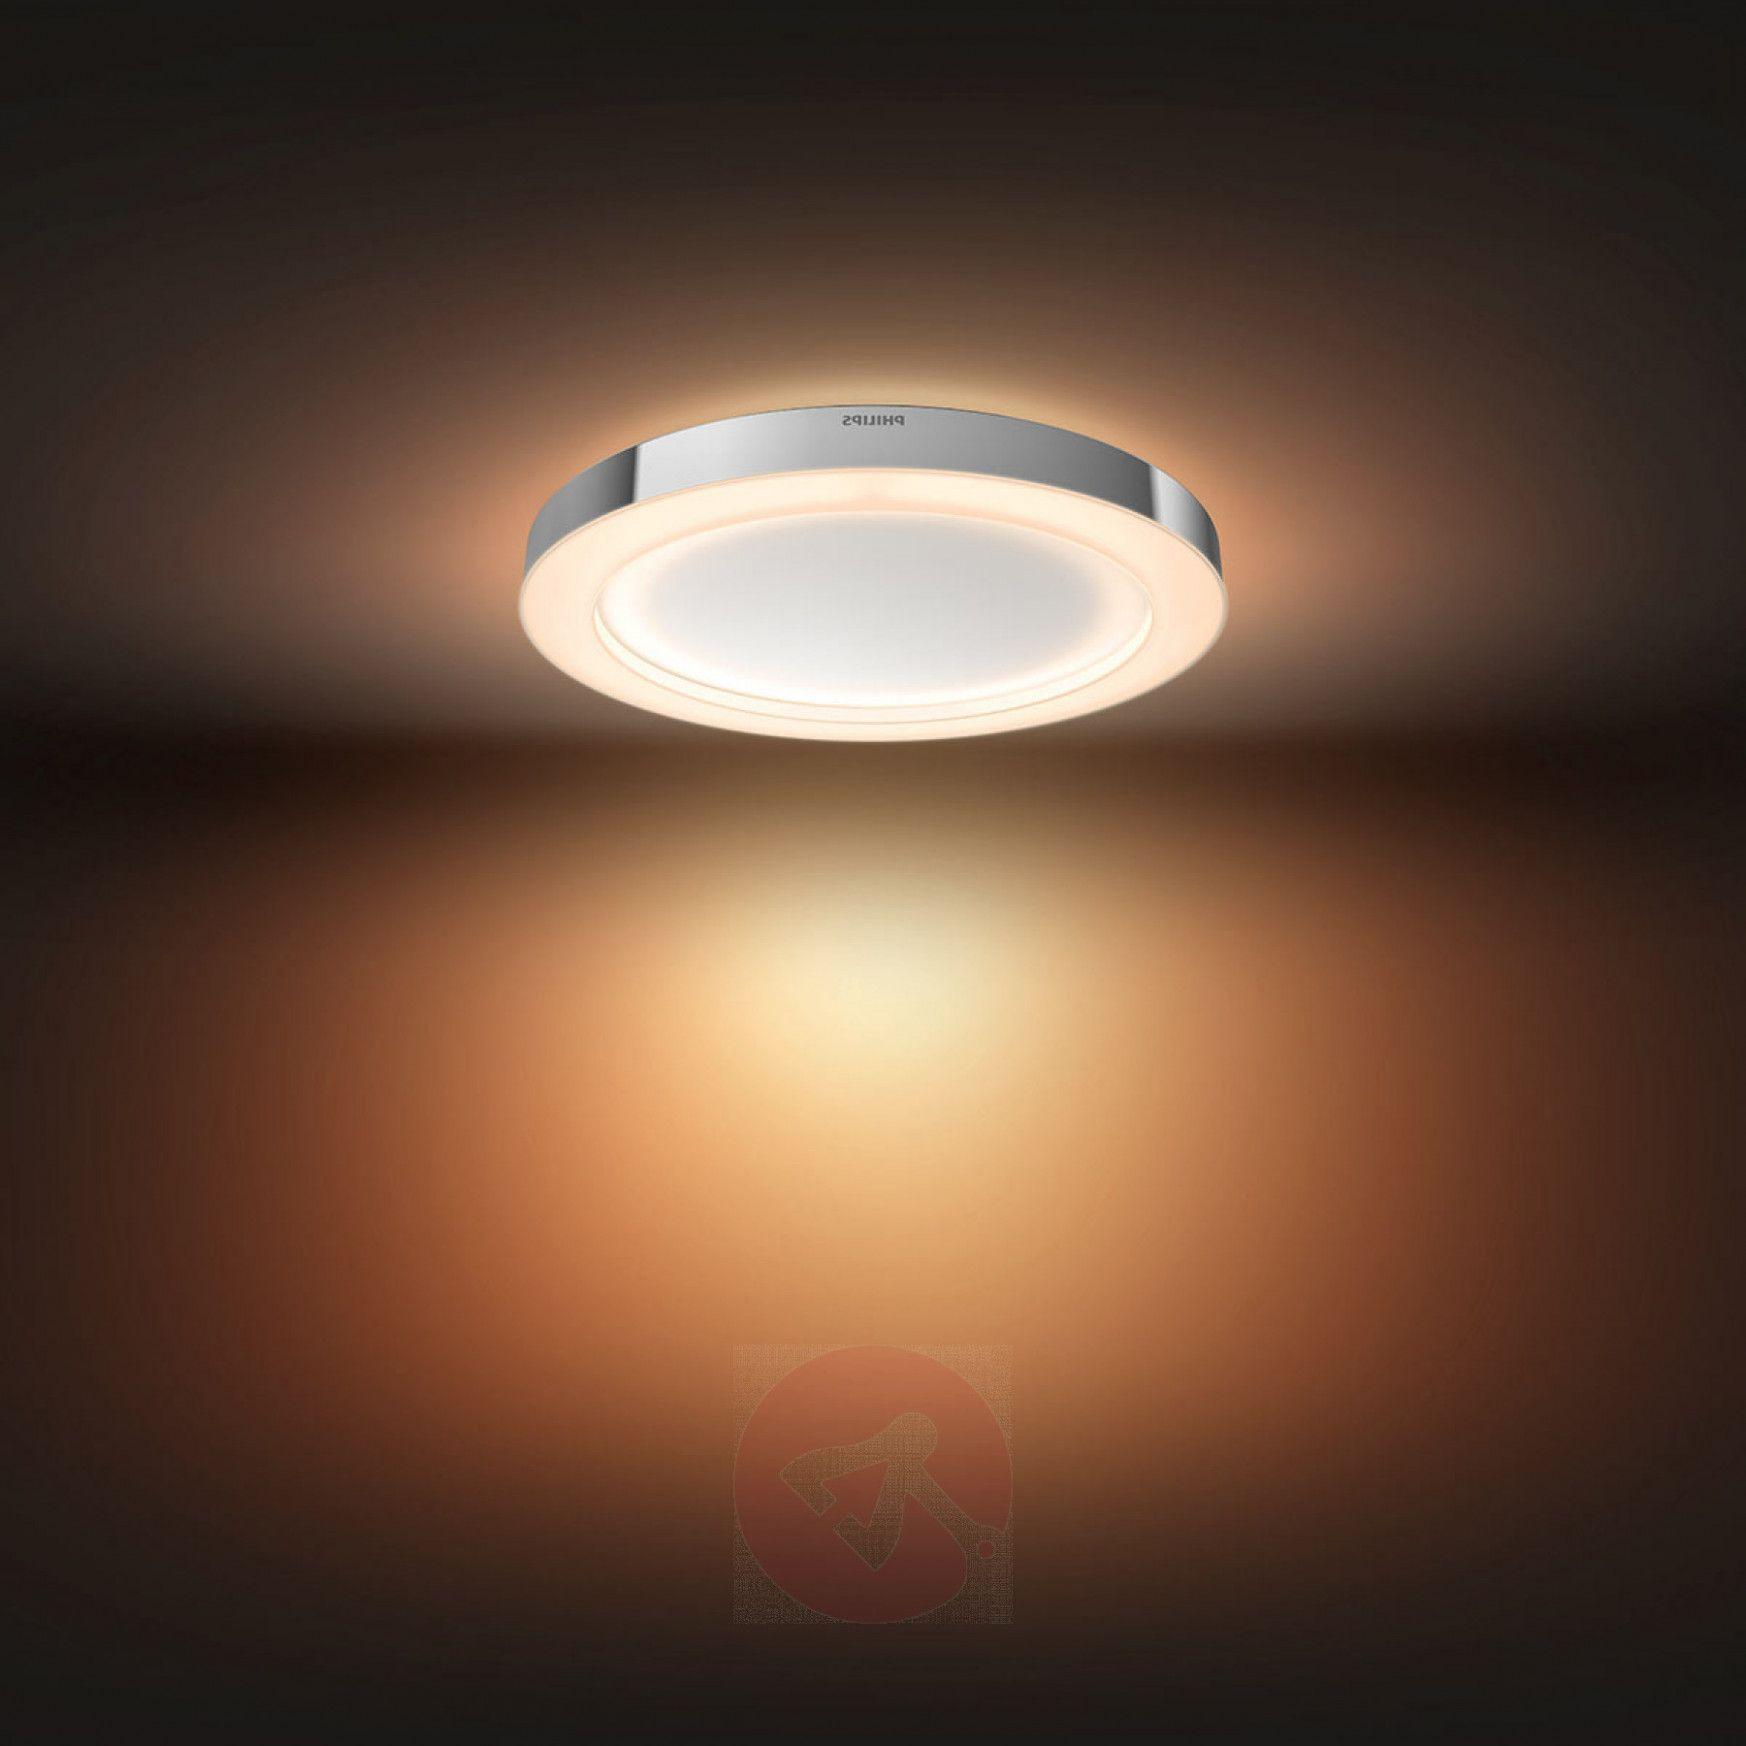 Wie Wird Philips Badezimmer Lampe In Den Nachsten 15 Schone